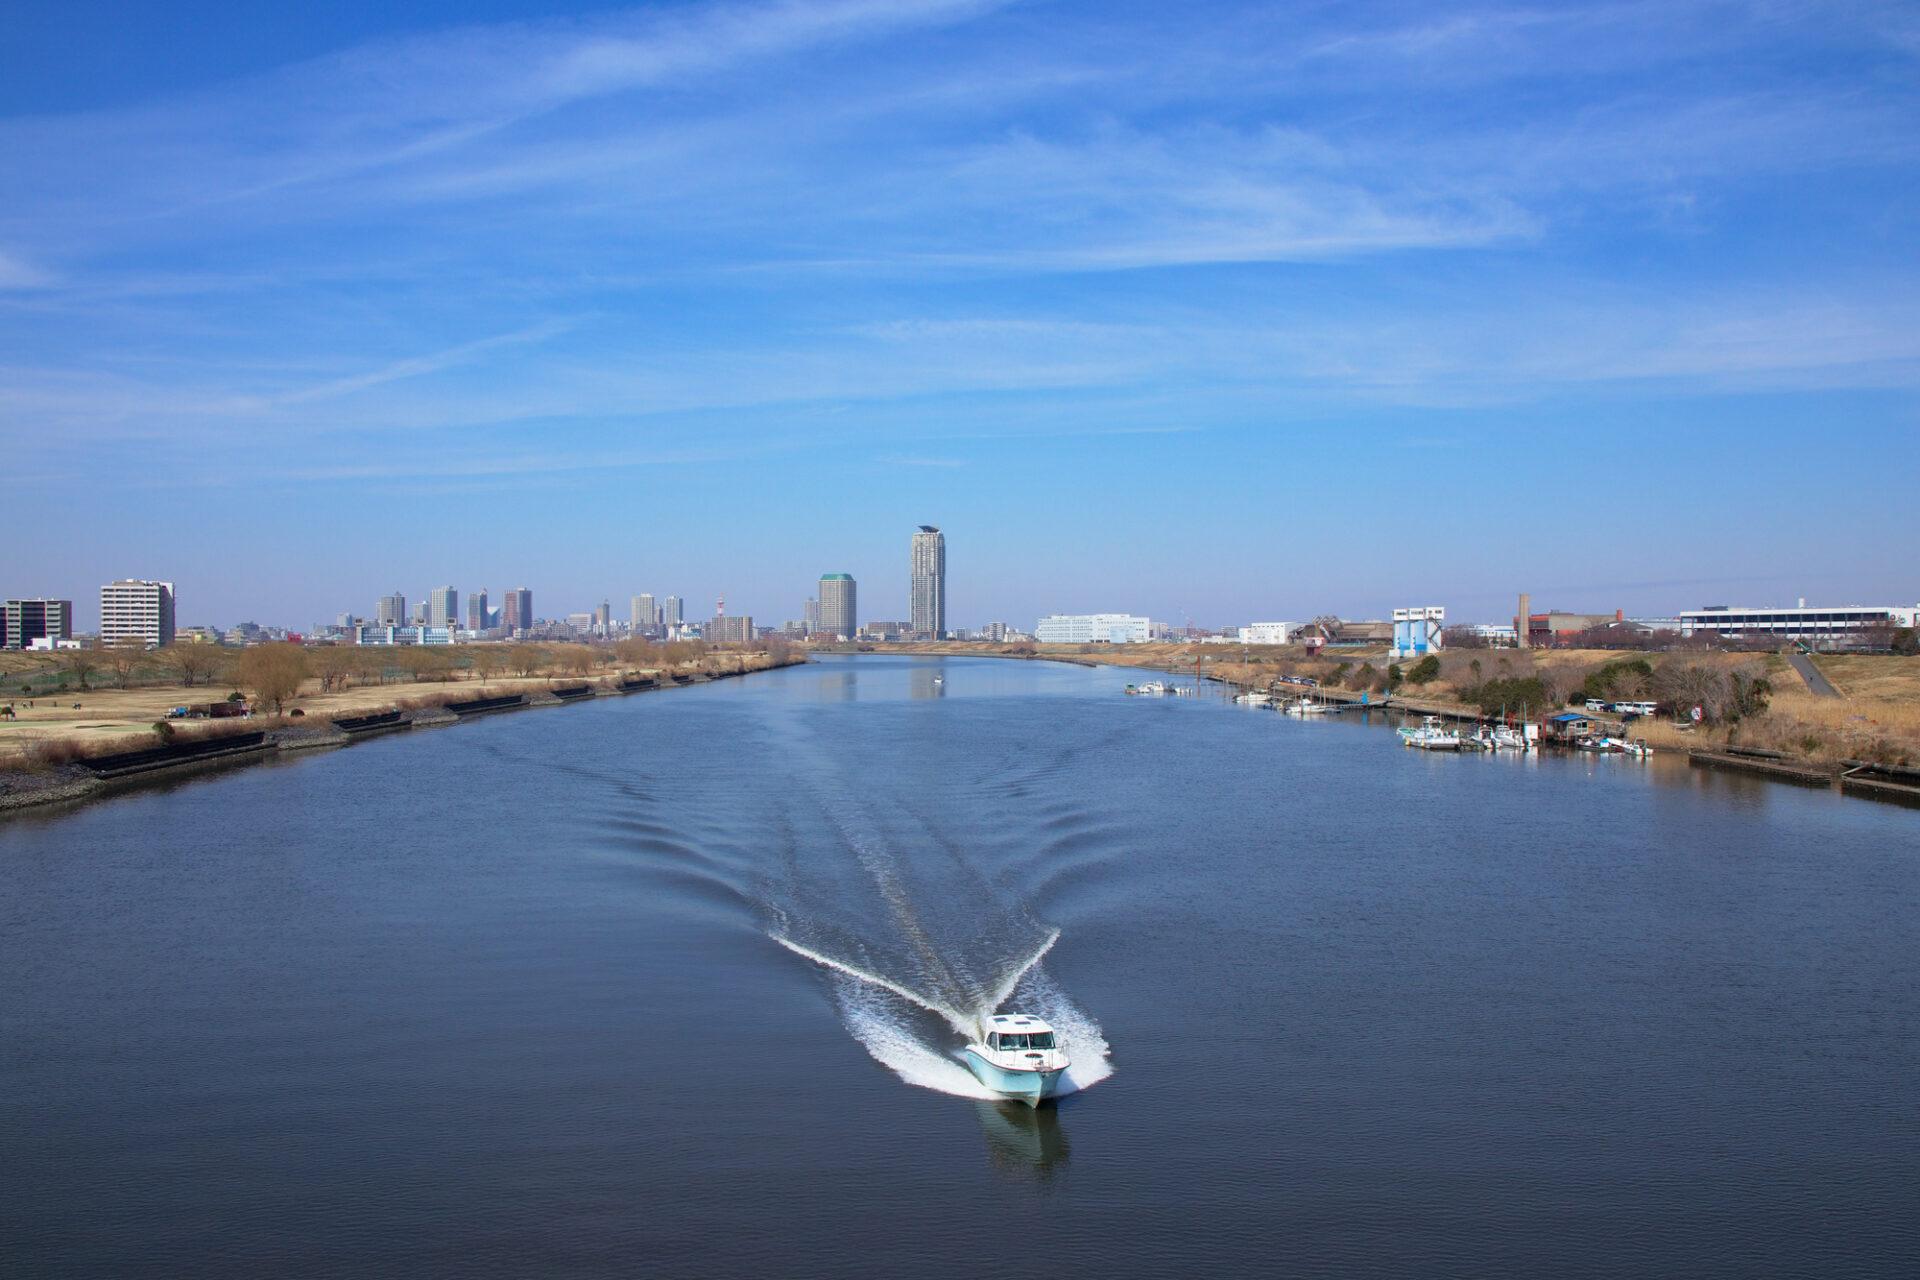 運河を走るクルーザー